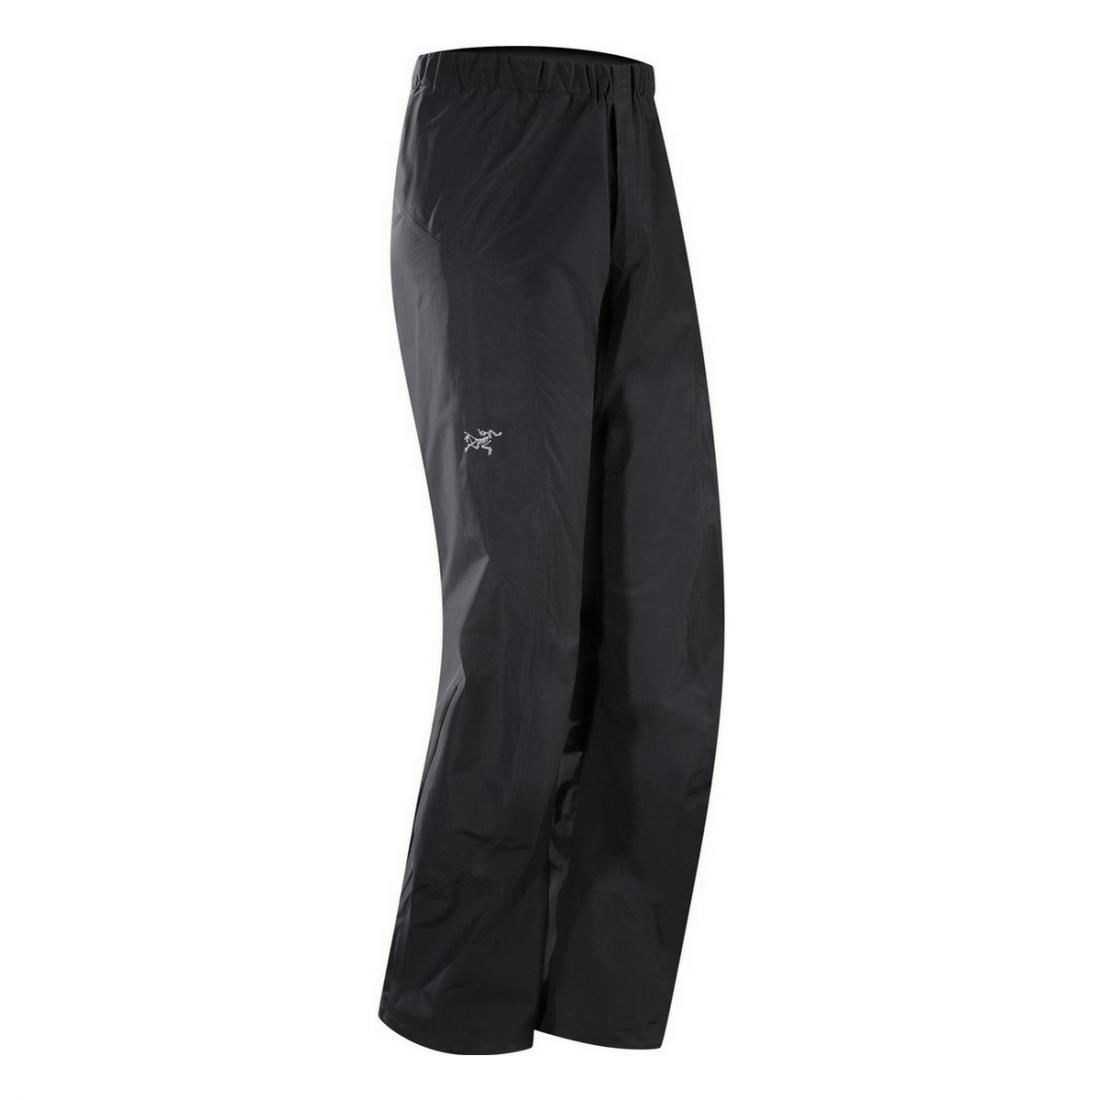 Брюки Beta SL муж.Брюки, штаны<br><br> Arcteryx Beta SL – мужские легкие брюки, которые надежно защищают от непогоды. Они предназначены для тех, кто предпочитает активный отдых на воздухе. <br><br><br>Благодаря влагоотталкивающему материалу GORE-TEX® с технологией Paclite® модель не ...<br><br>Цвет: Черный<br>Размер: S